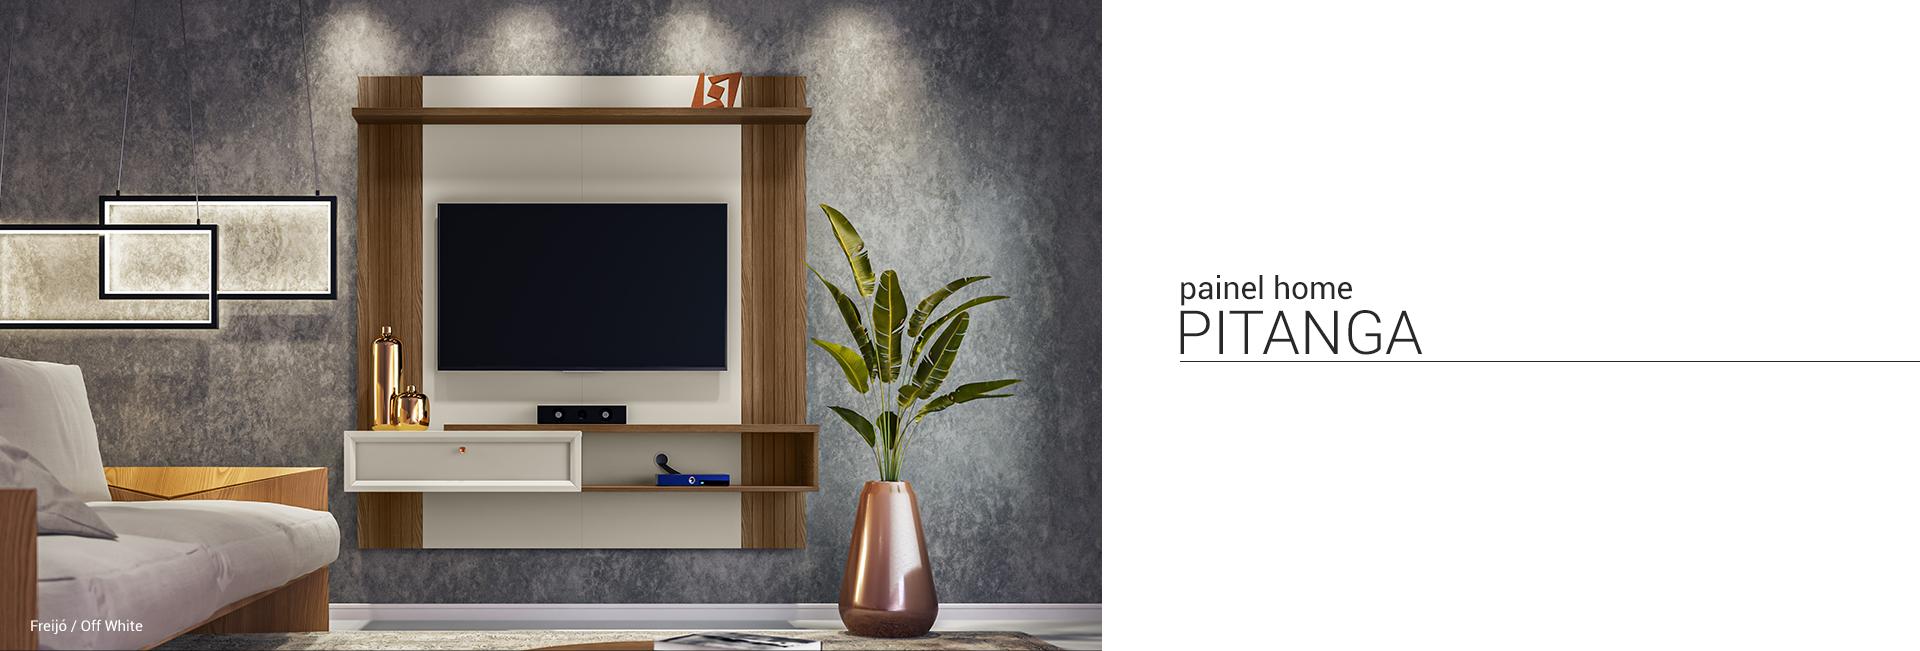 Painel Home Pitanga